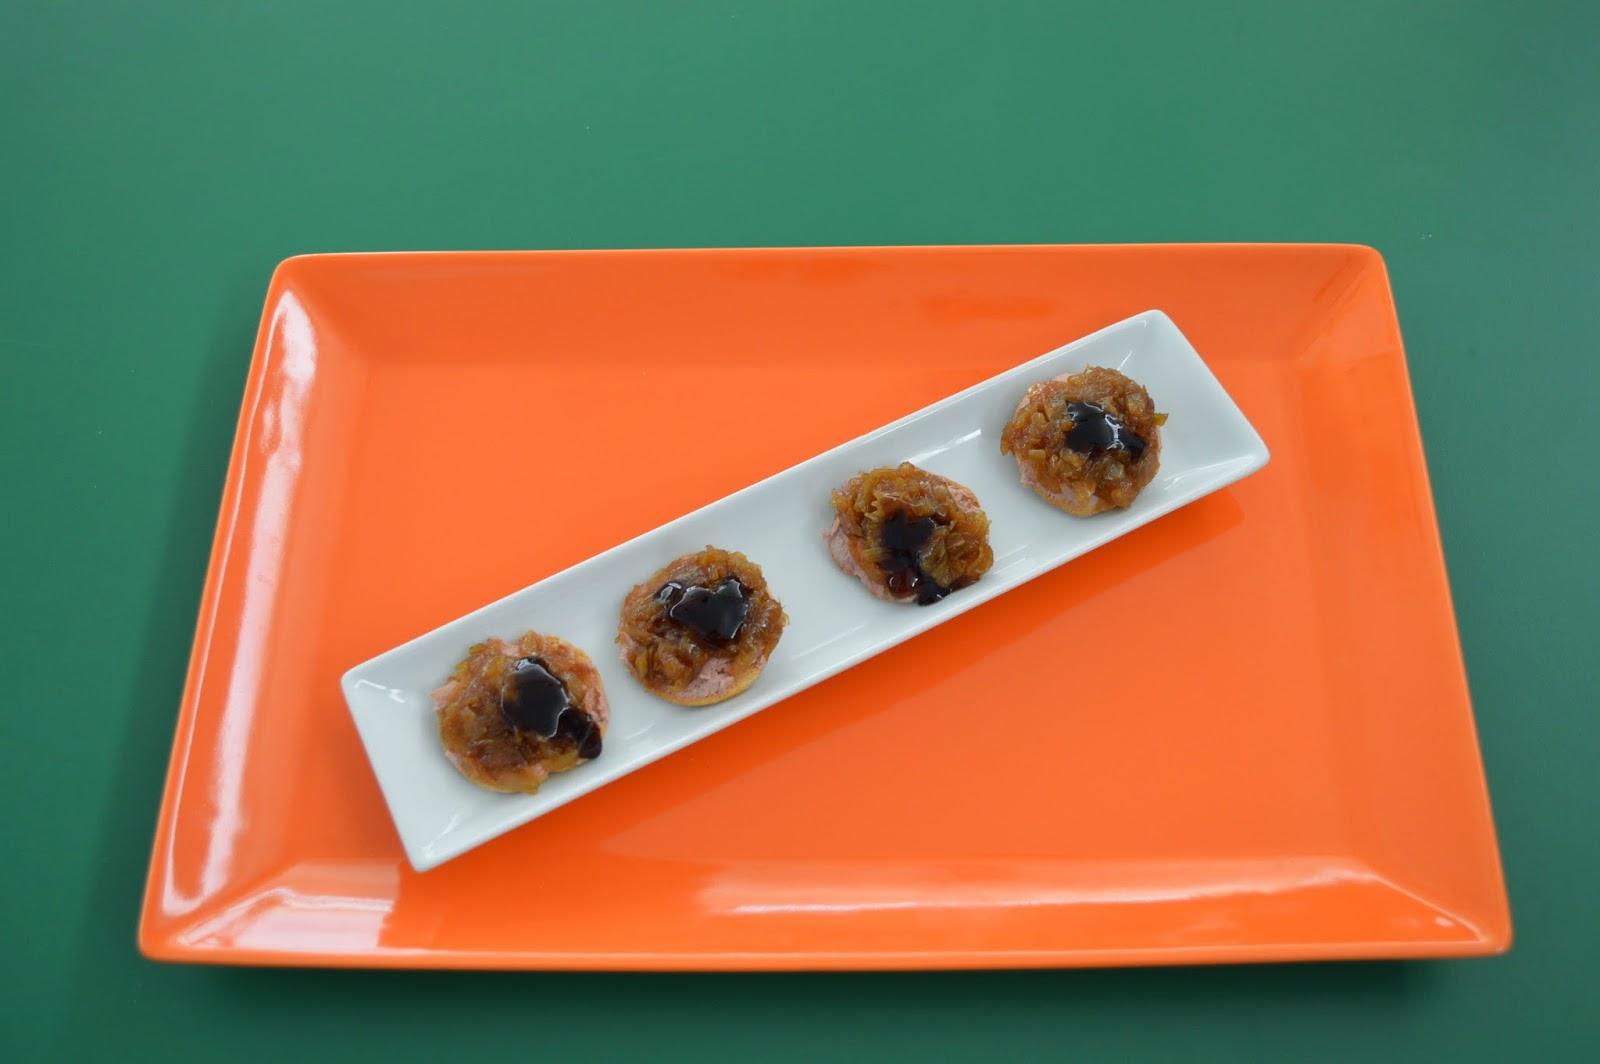 12 chefs para 12 tapas canap de pat con cebolla for Canape de pate con cebolla caramelizada